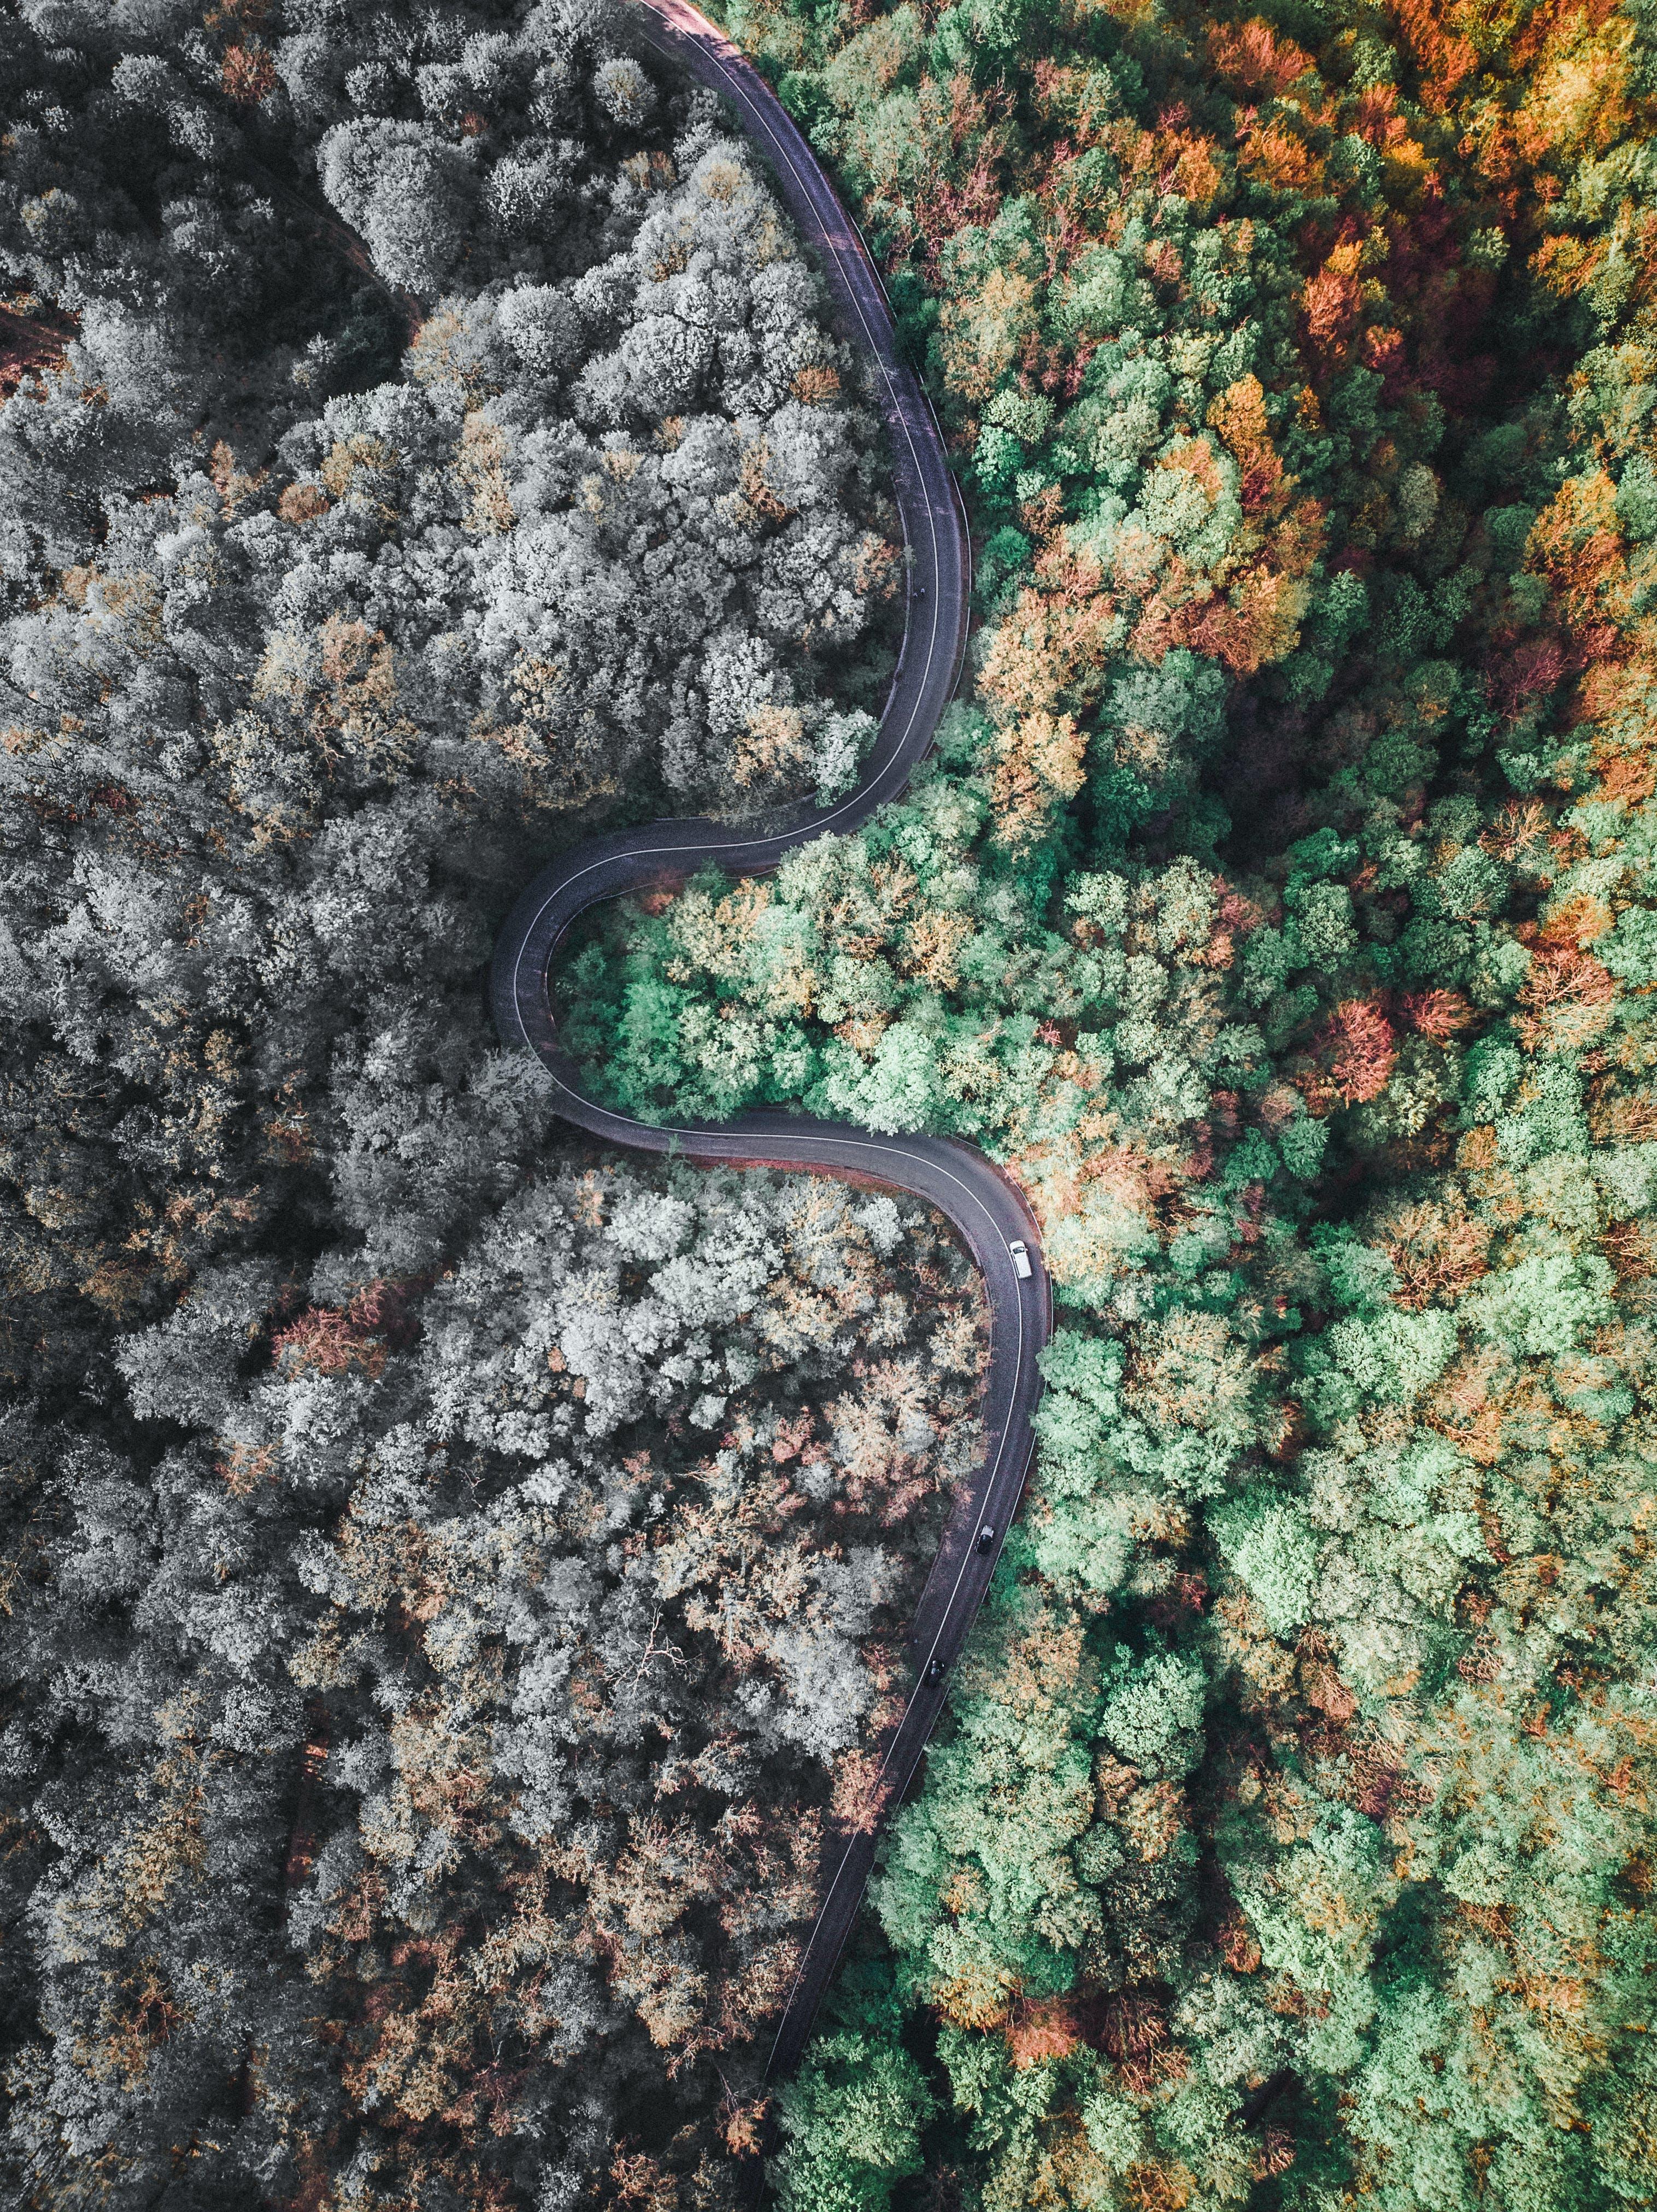 Δωρεάν στοκ φωτογραφιών με αεροφωτογράφιση, δέντρα, δρόμος, εναέρια λήψη